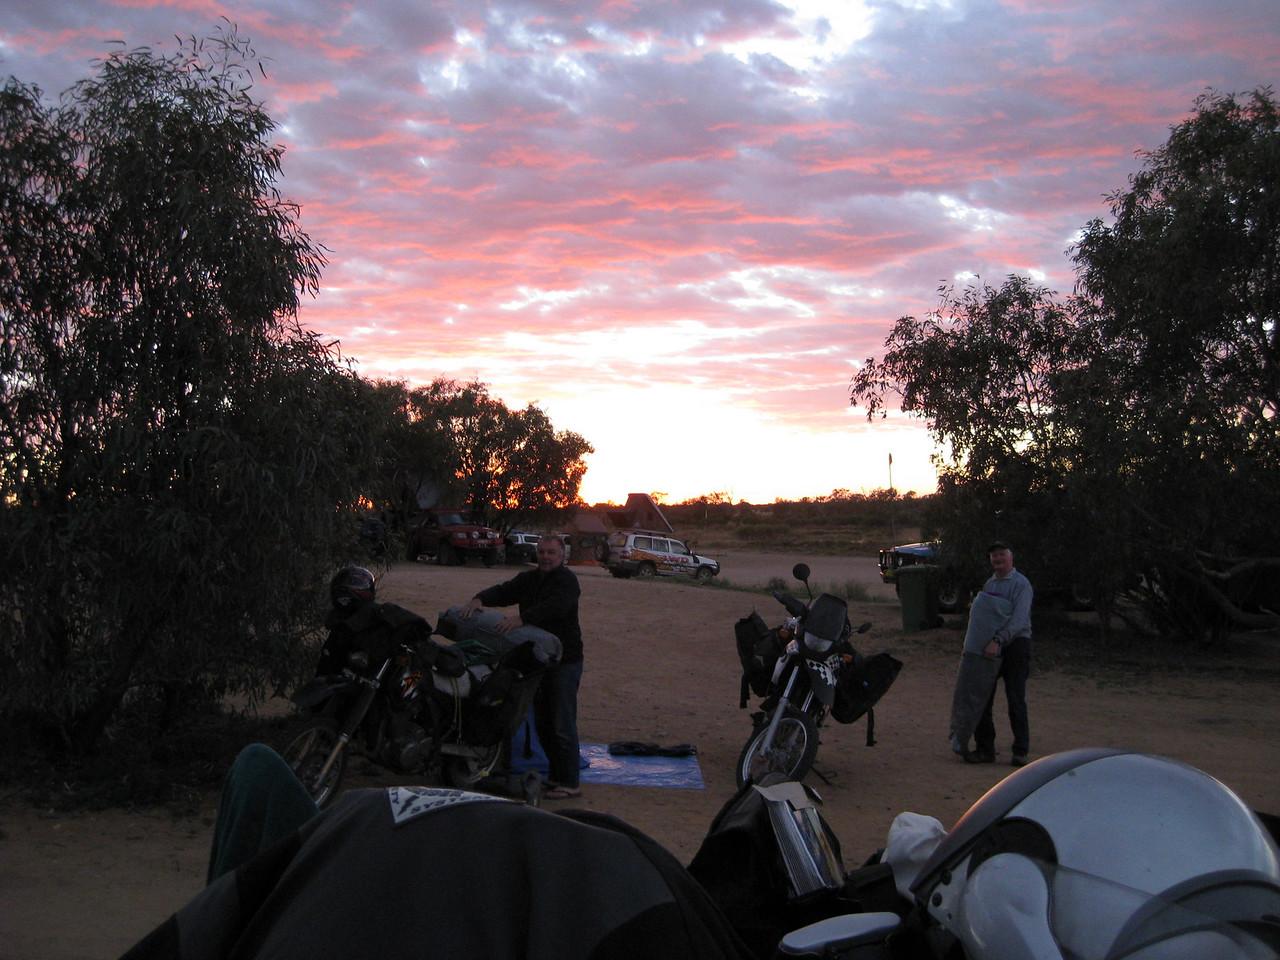 Sunset in the Birdsville Caravan Park.